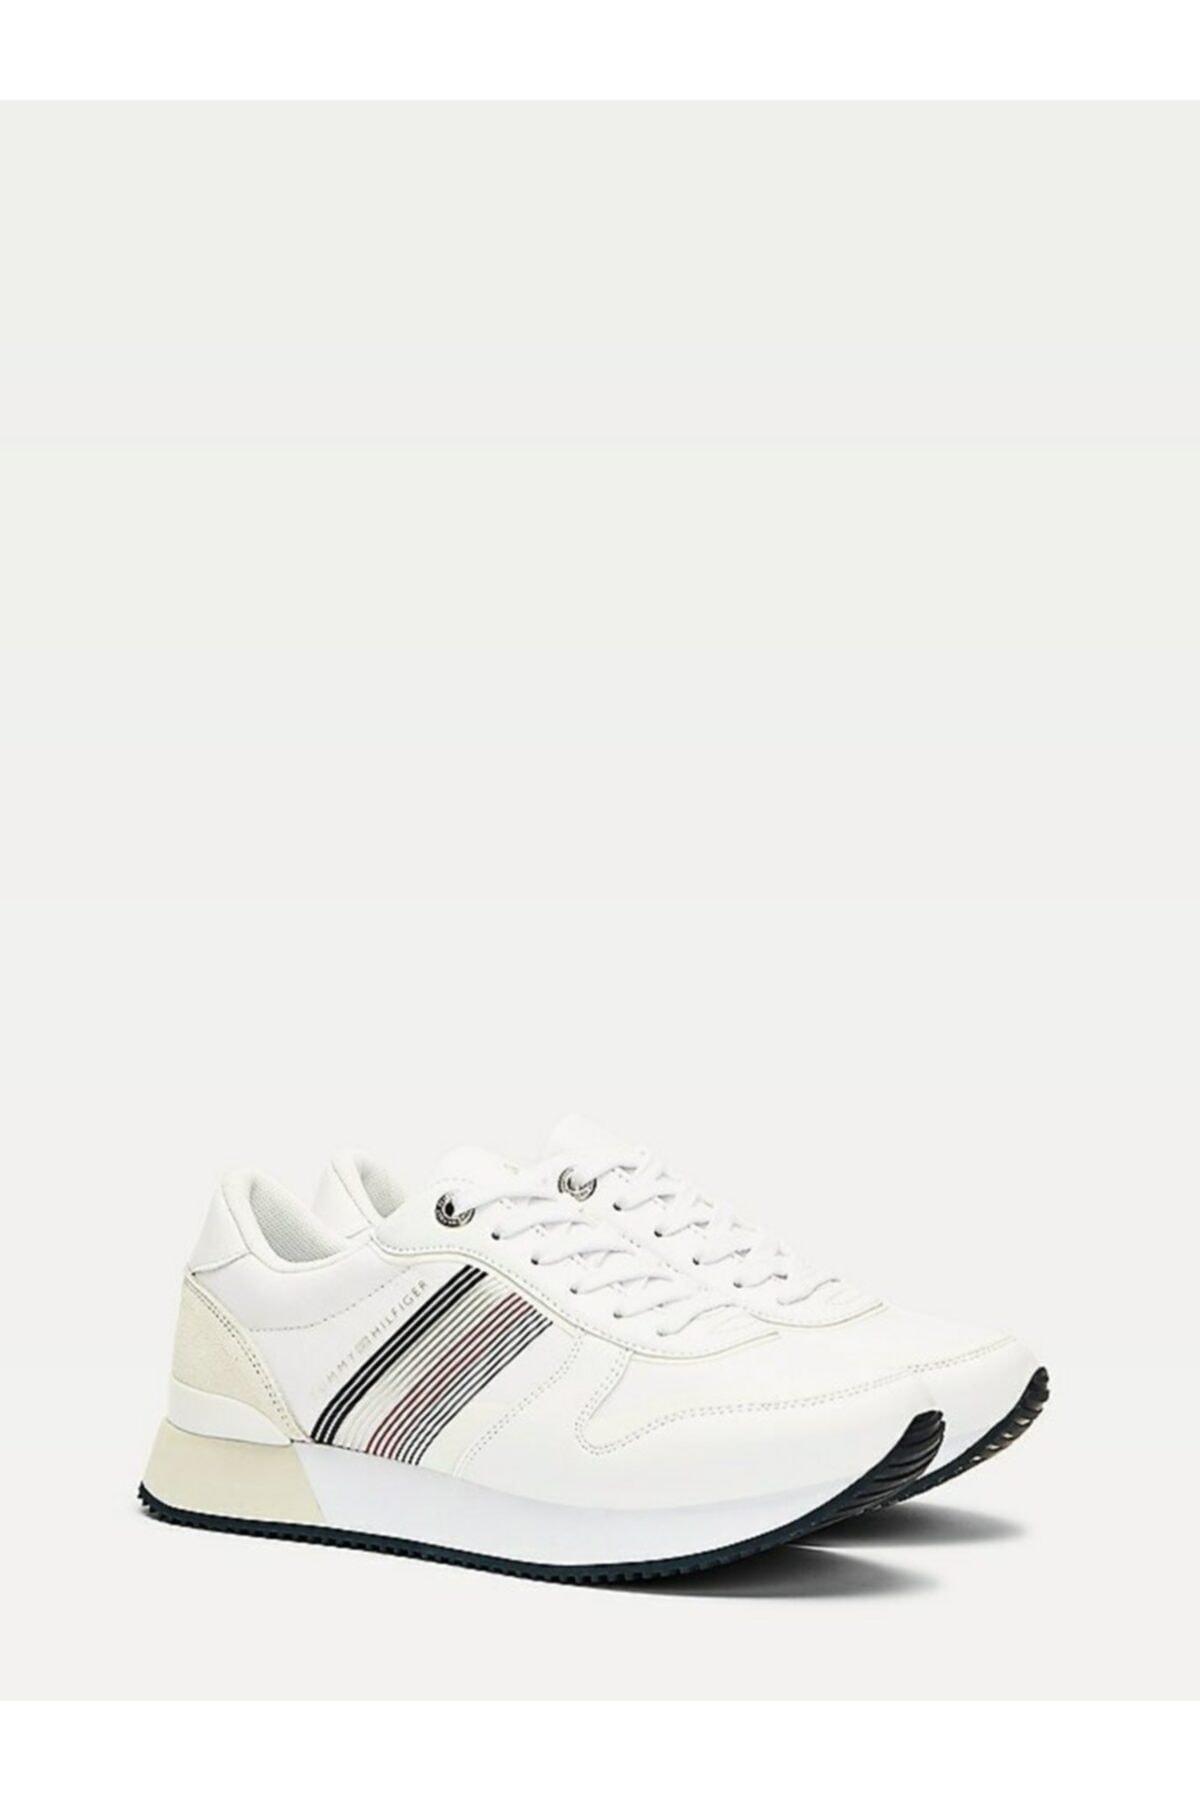 Tommy Hilfiger Kadın Beyaz Sneaker Actıve Cıty Sneaker FW0FW05011 1